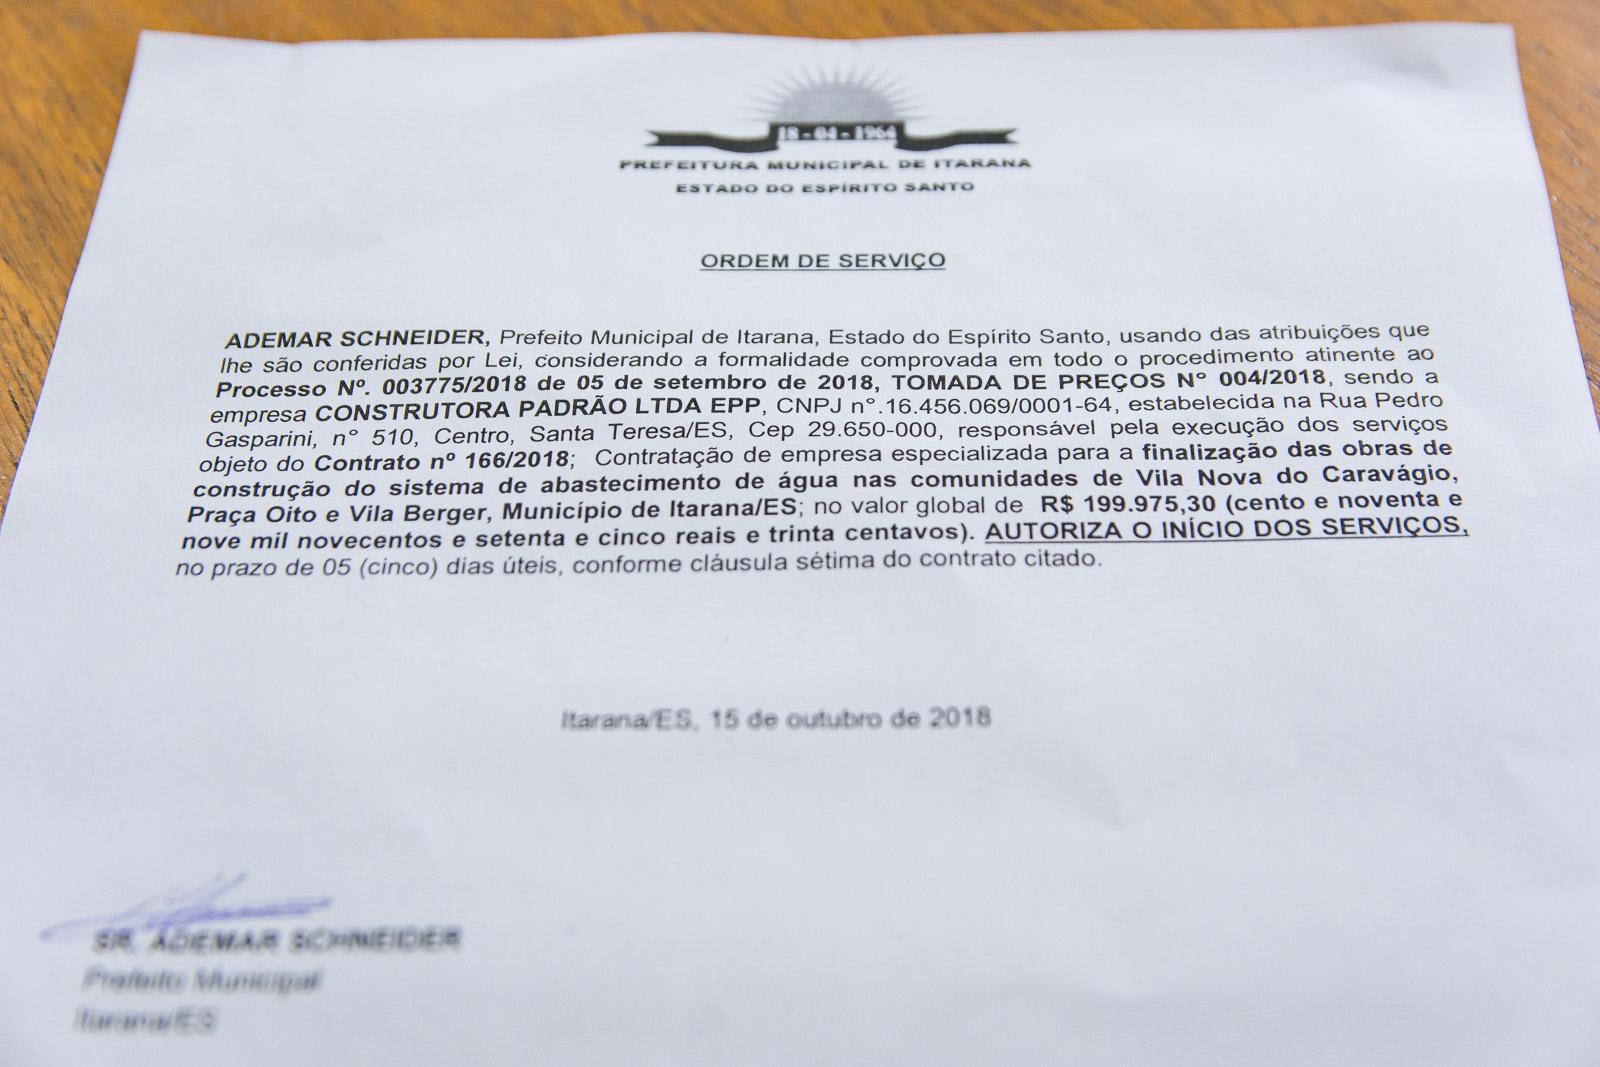 Ordem de serviço para conclusão do sistema de abastecimento de água da Praça Oito e região